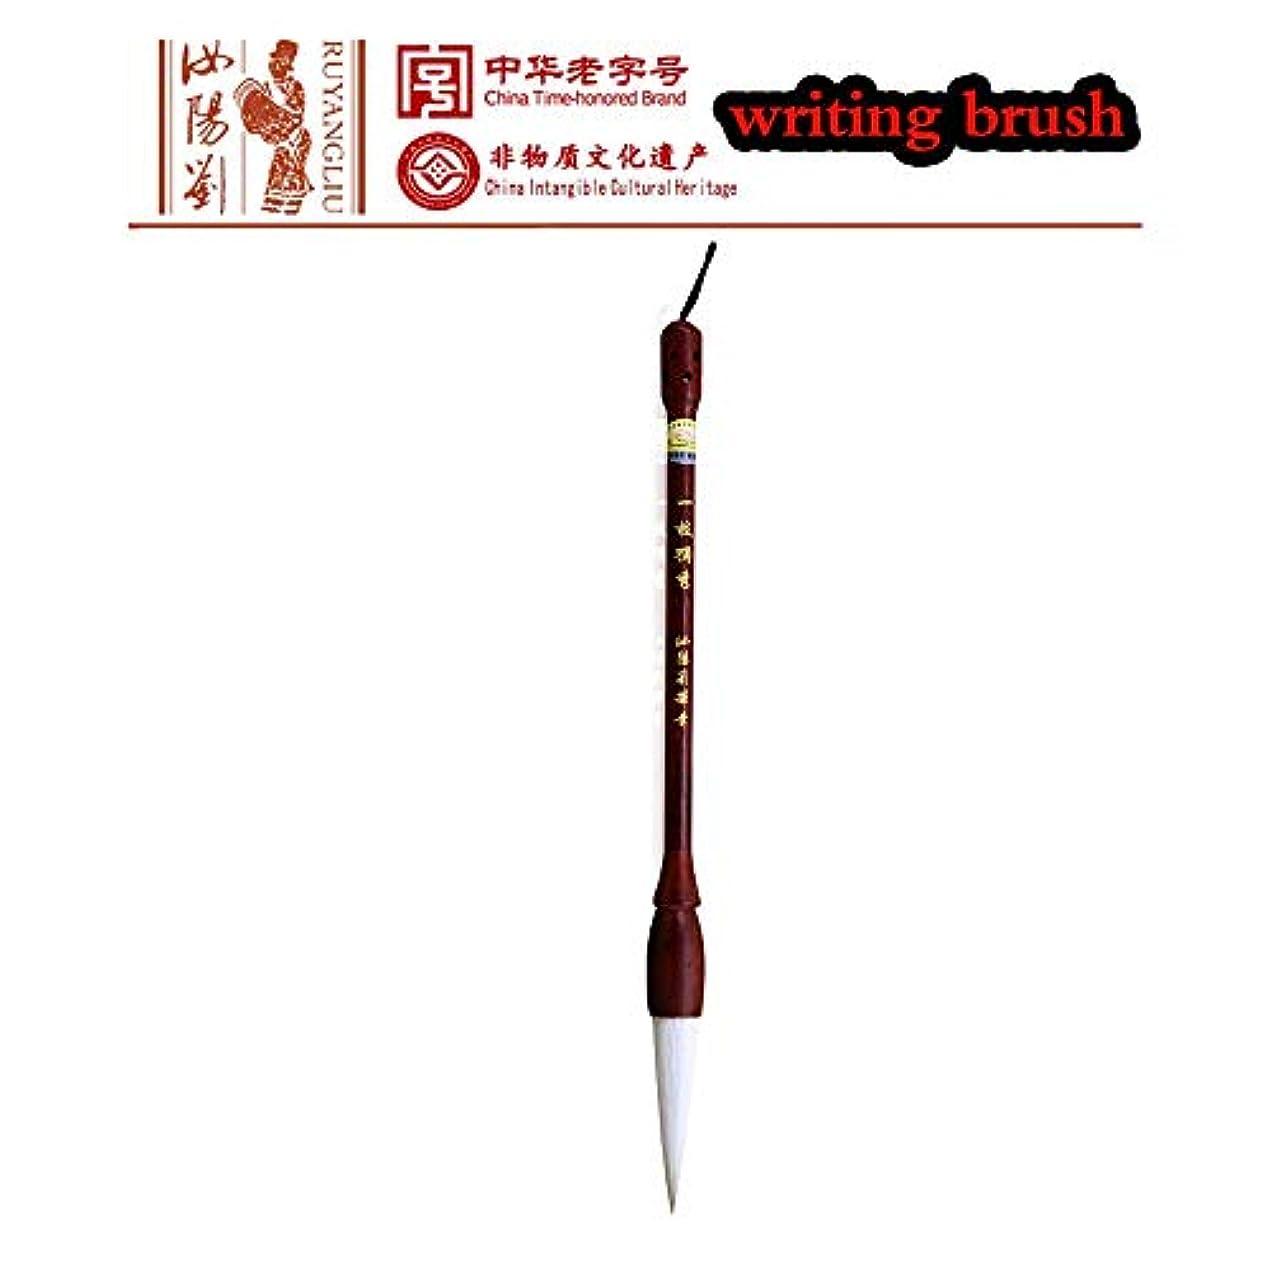 コートフォロー自己RUYANGLIU筆、オオカミと羊の毛、中国の書道絵画ブラシライティング初級レベルのためbrushsを描きます